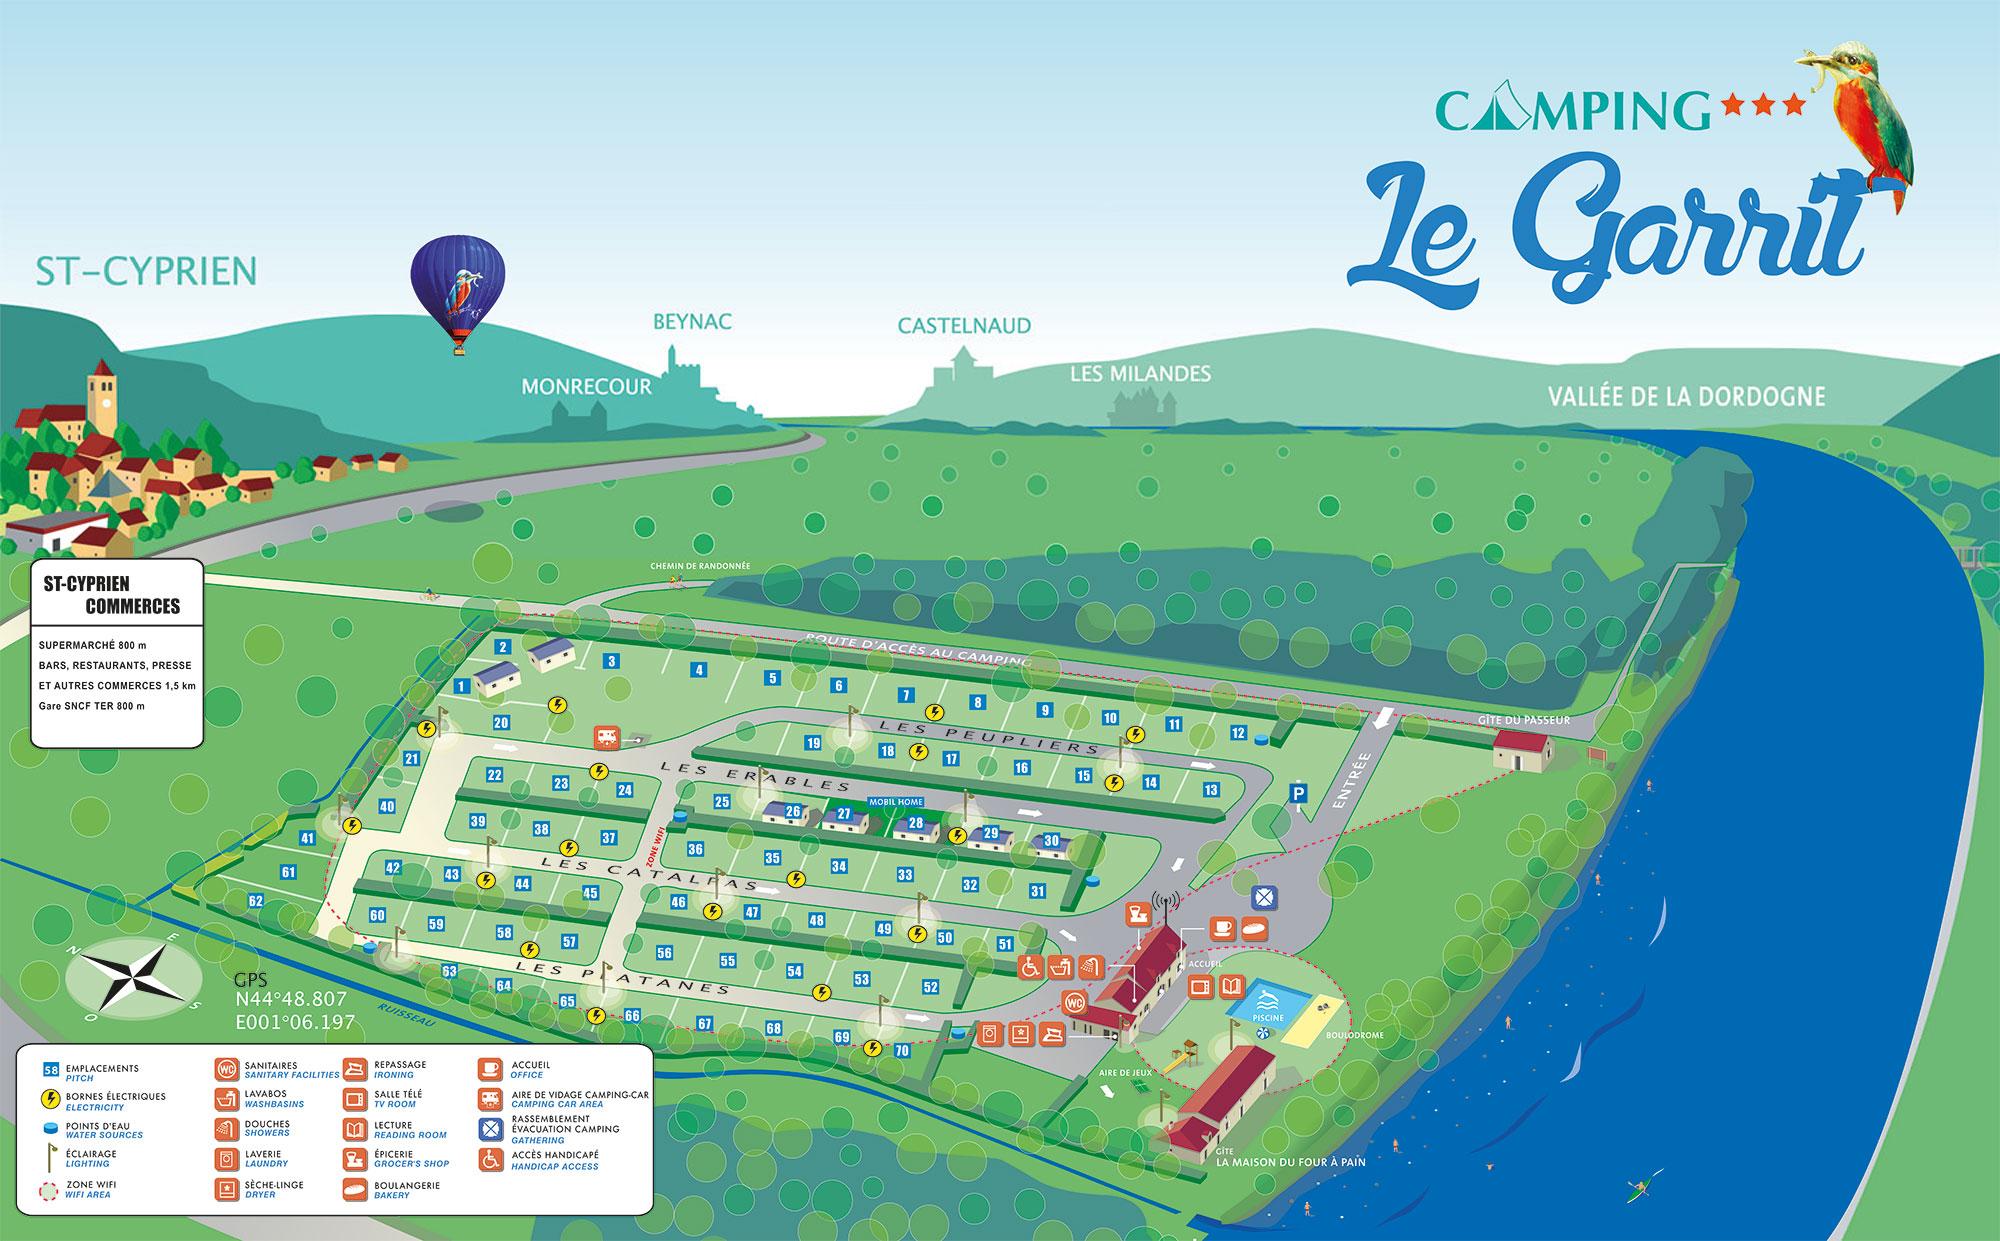 Mobil-home Mercure 28-29 - Plan du camping Le Garrit enDordogne Périgord Noir près de Sarlat